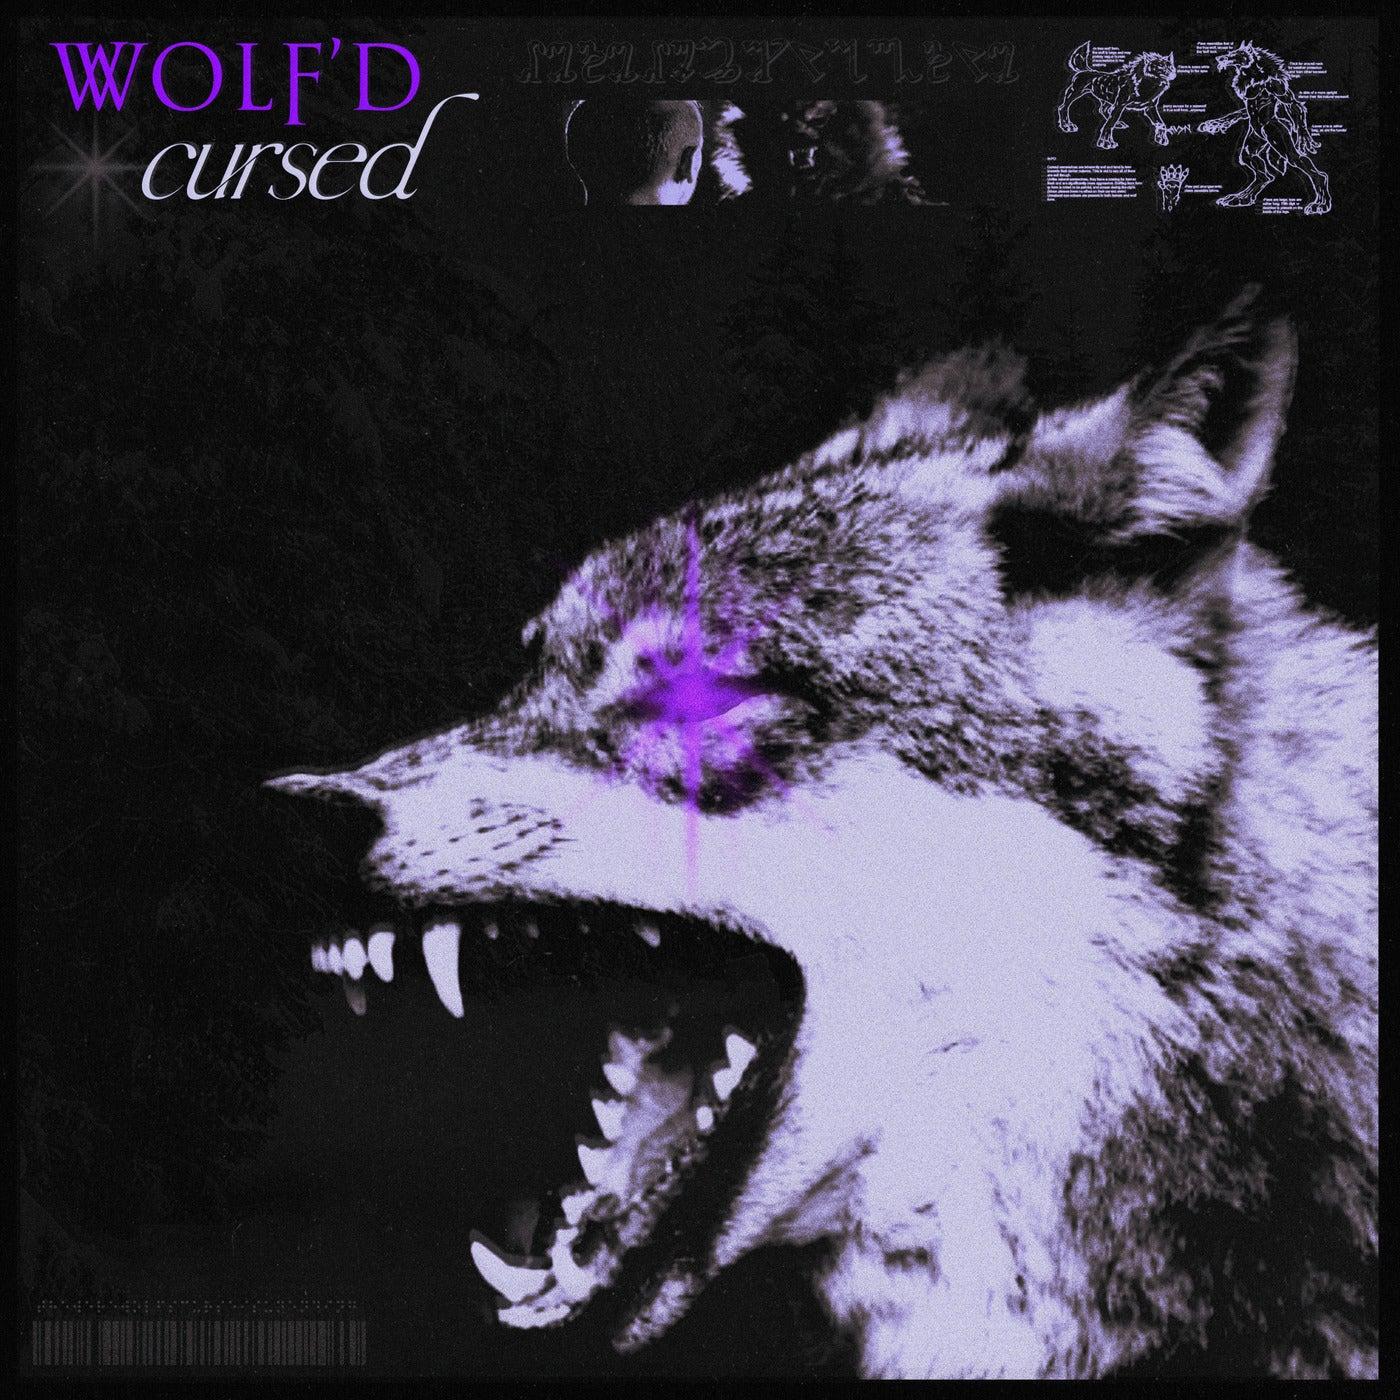 Cursed (Original Mix)